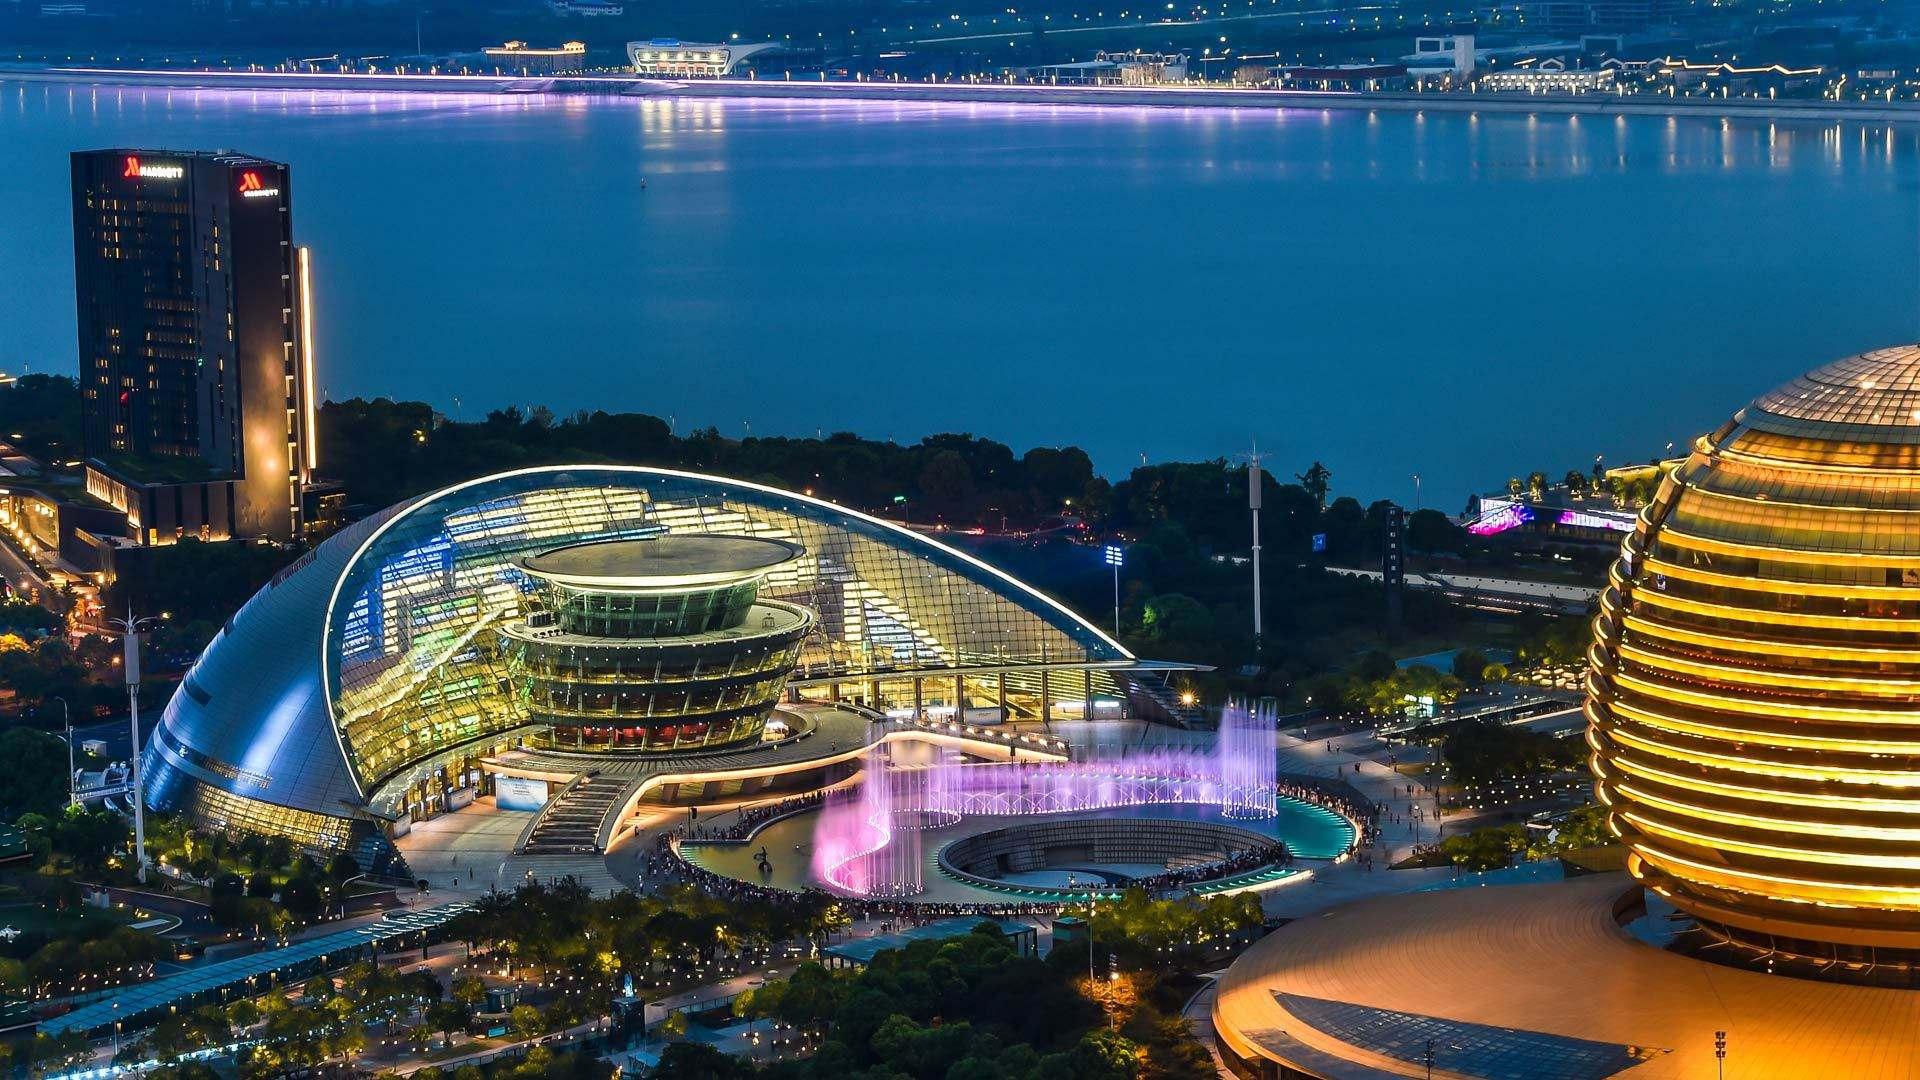 中国城市排行榜_2019中国最具人才吸引力城市排名 前三甲有两个广东城市_排行榜123网